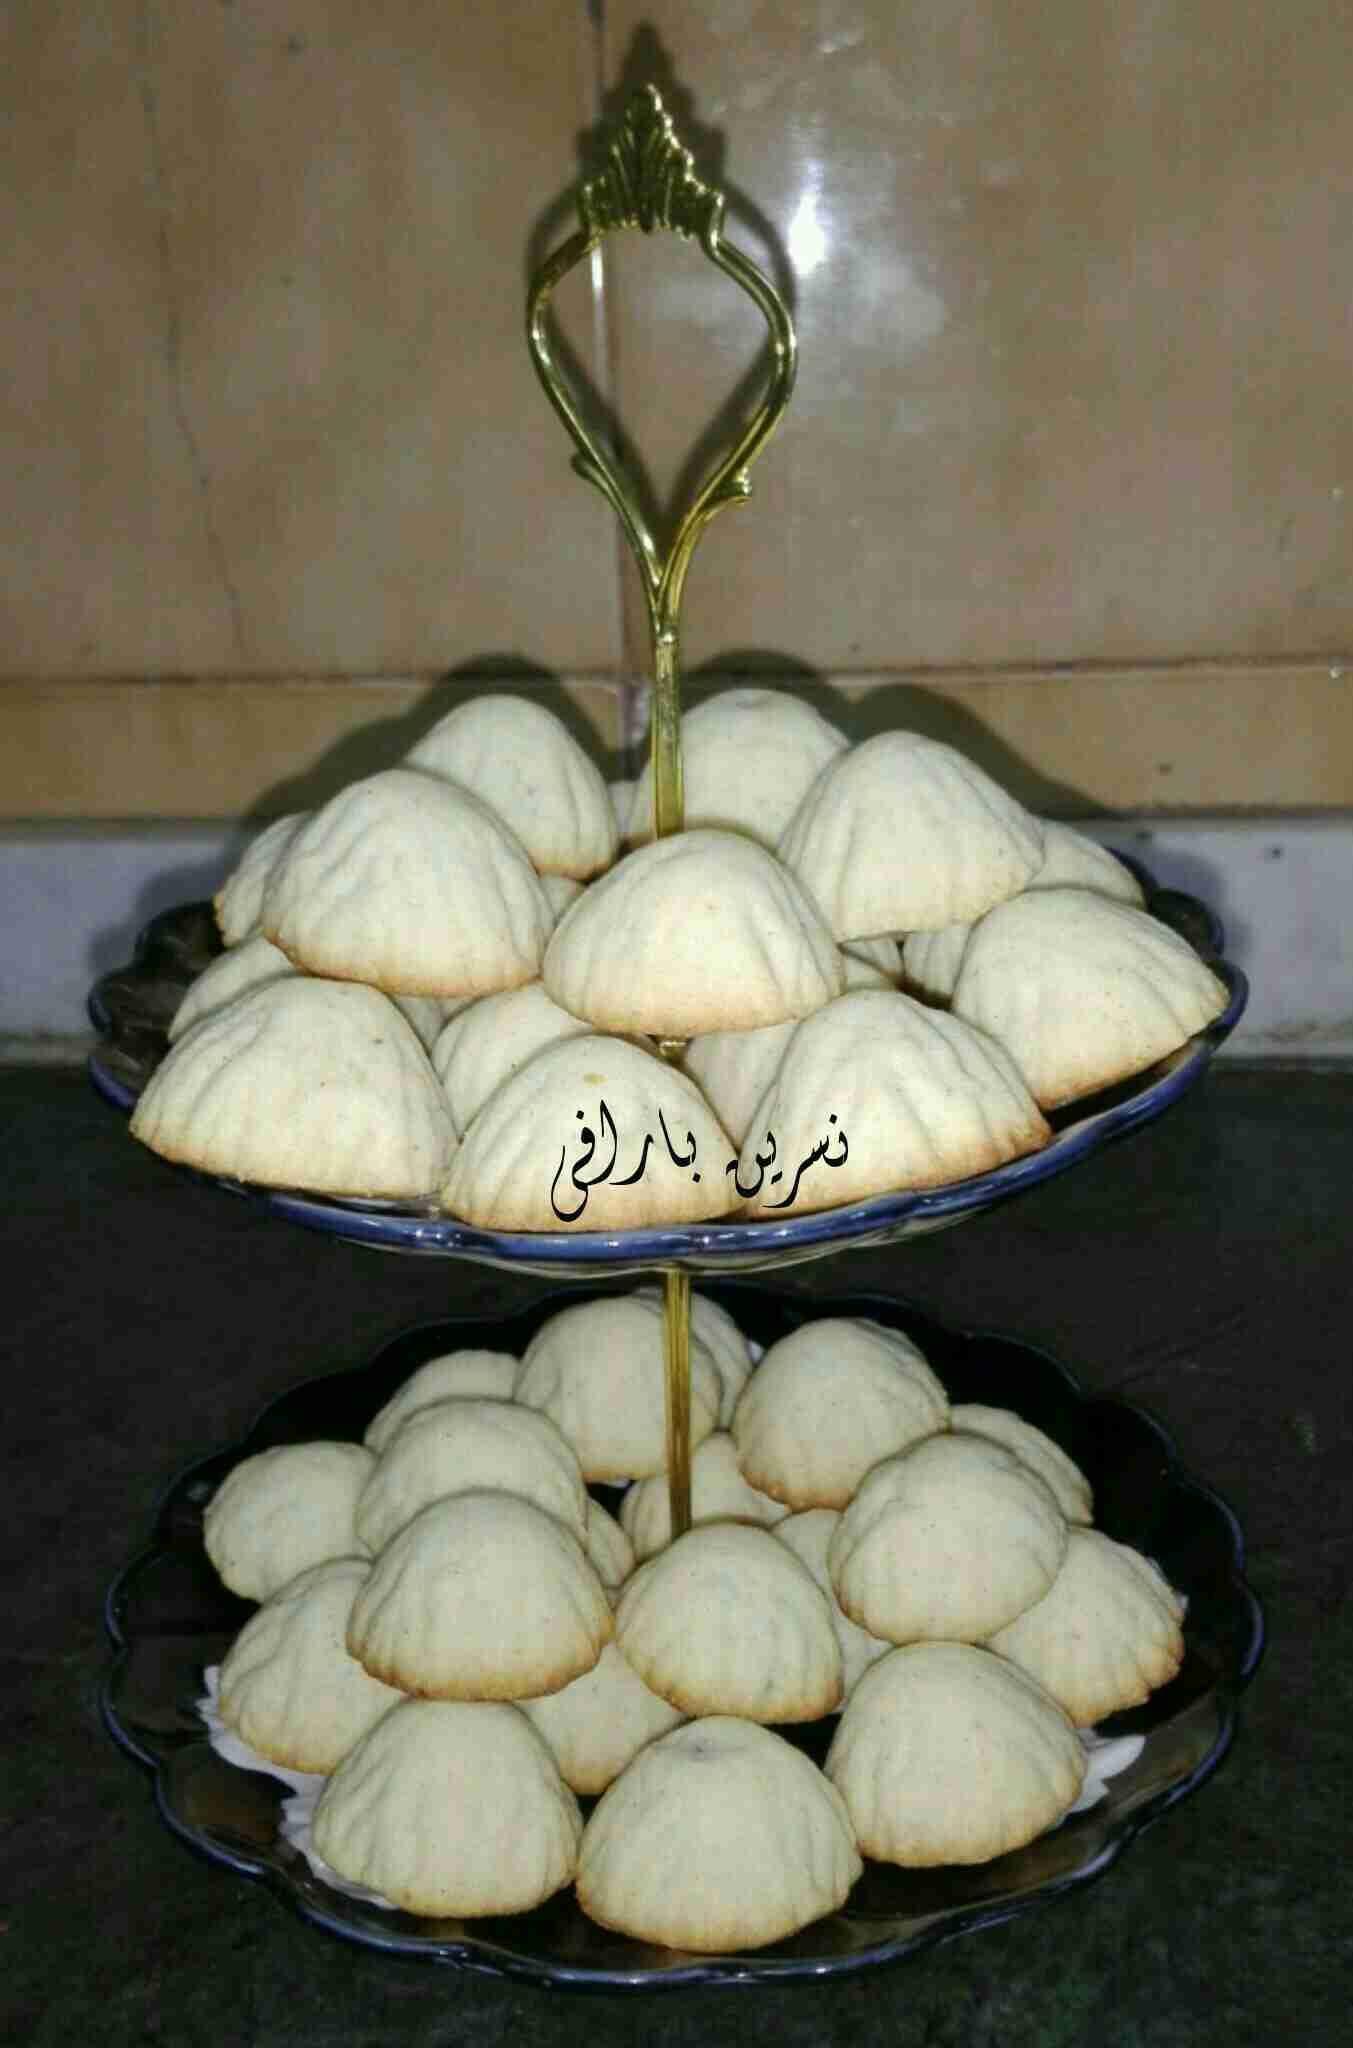 معمول الكيري بمكونات بسيطة وسهلة شهي ولذيذ ملكة عيد الاضحى 4 زاكي Recipe Food Vegetables Garlic